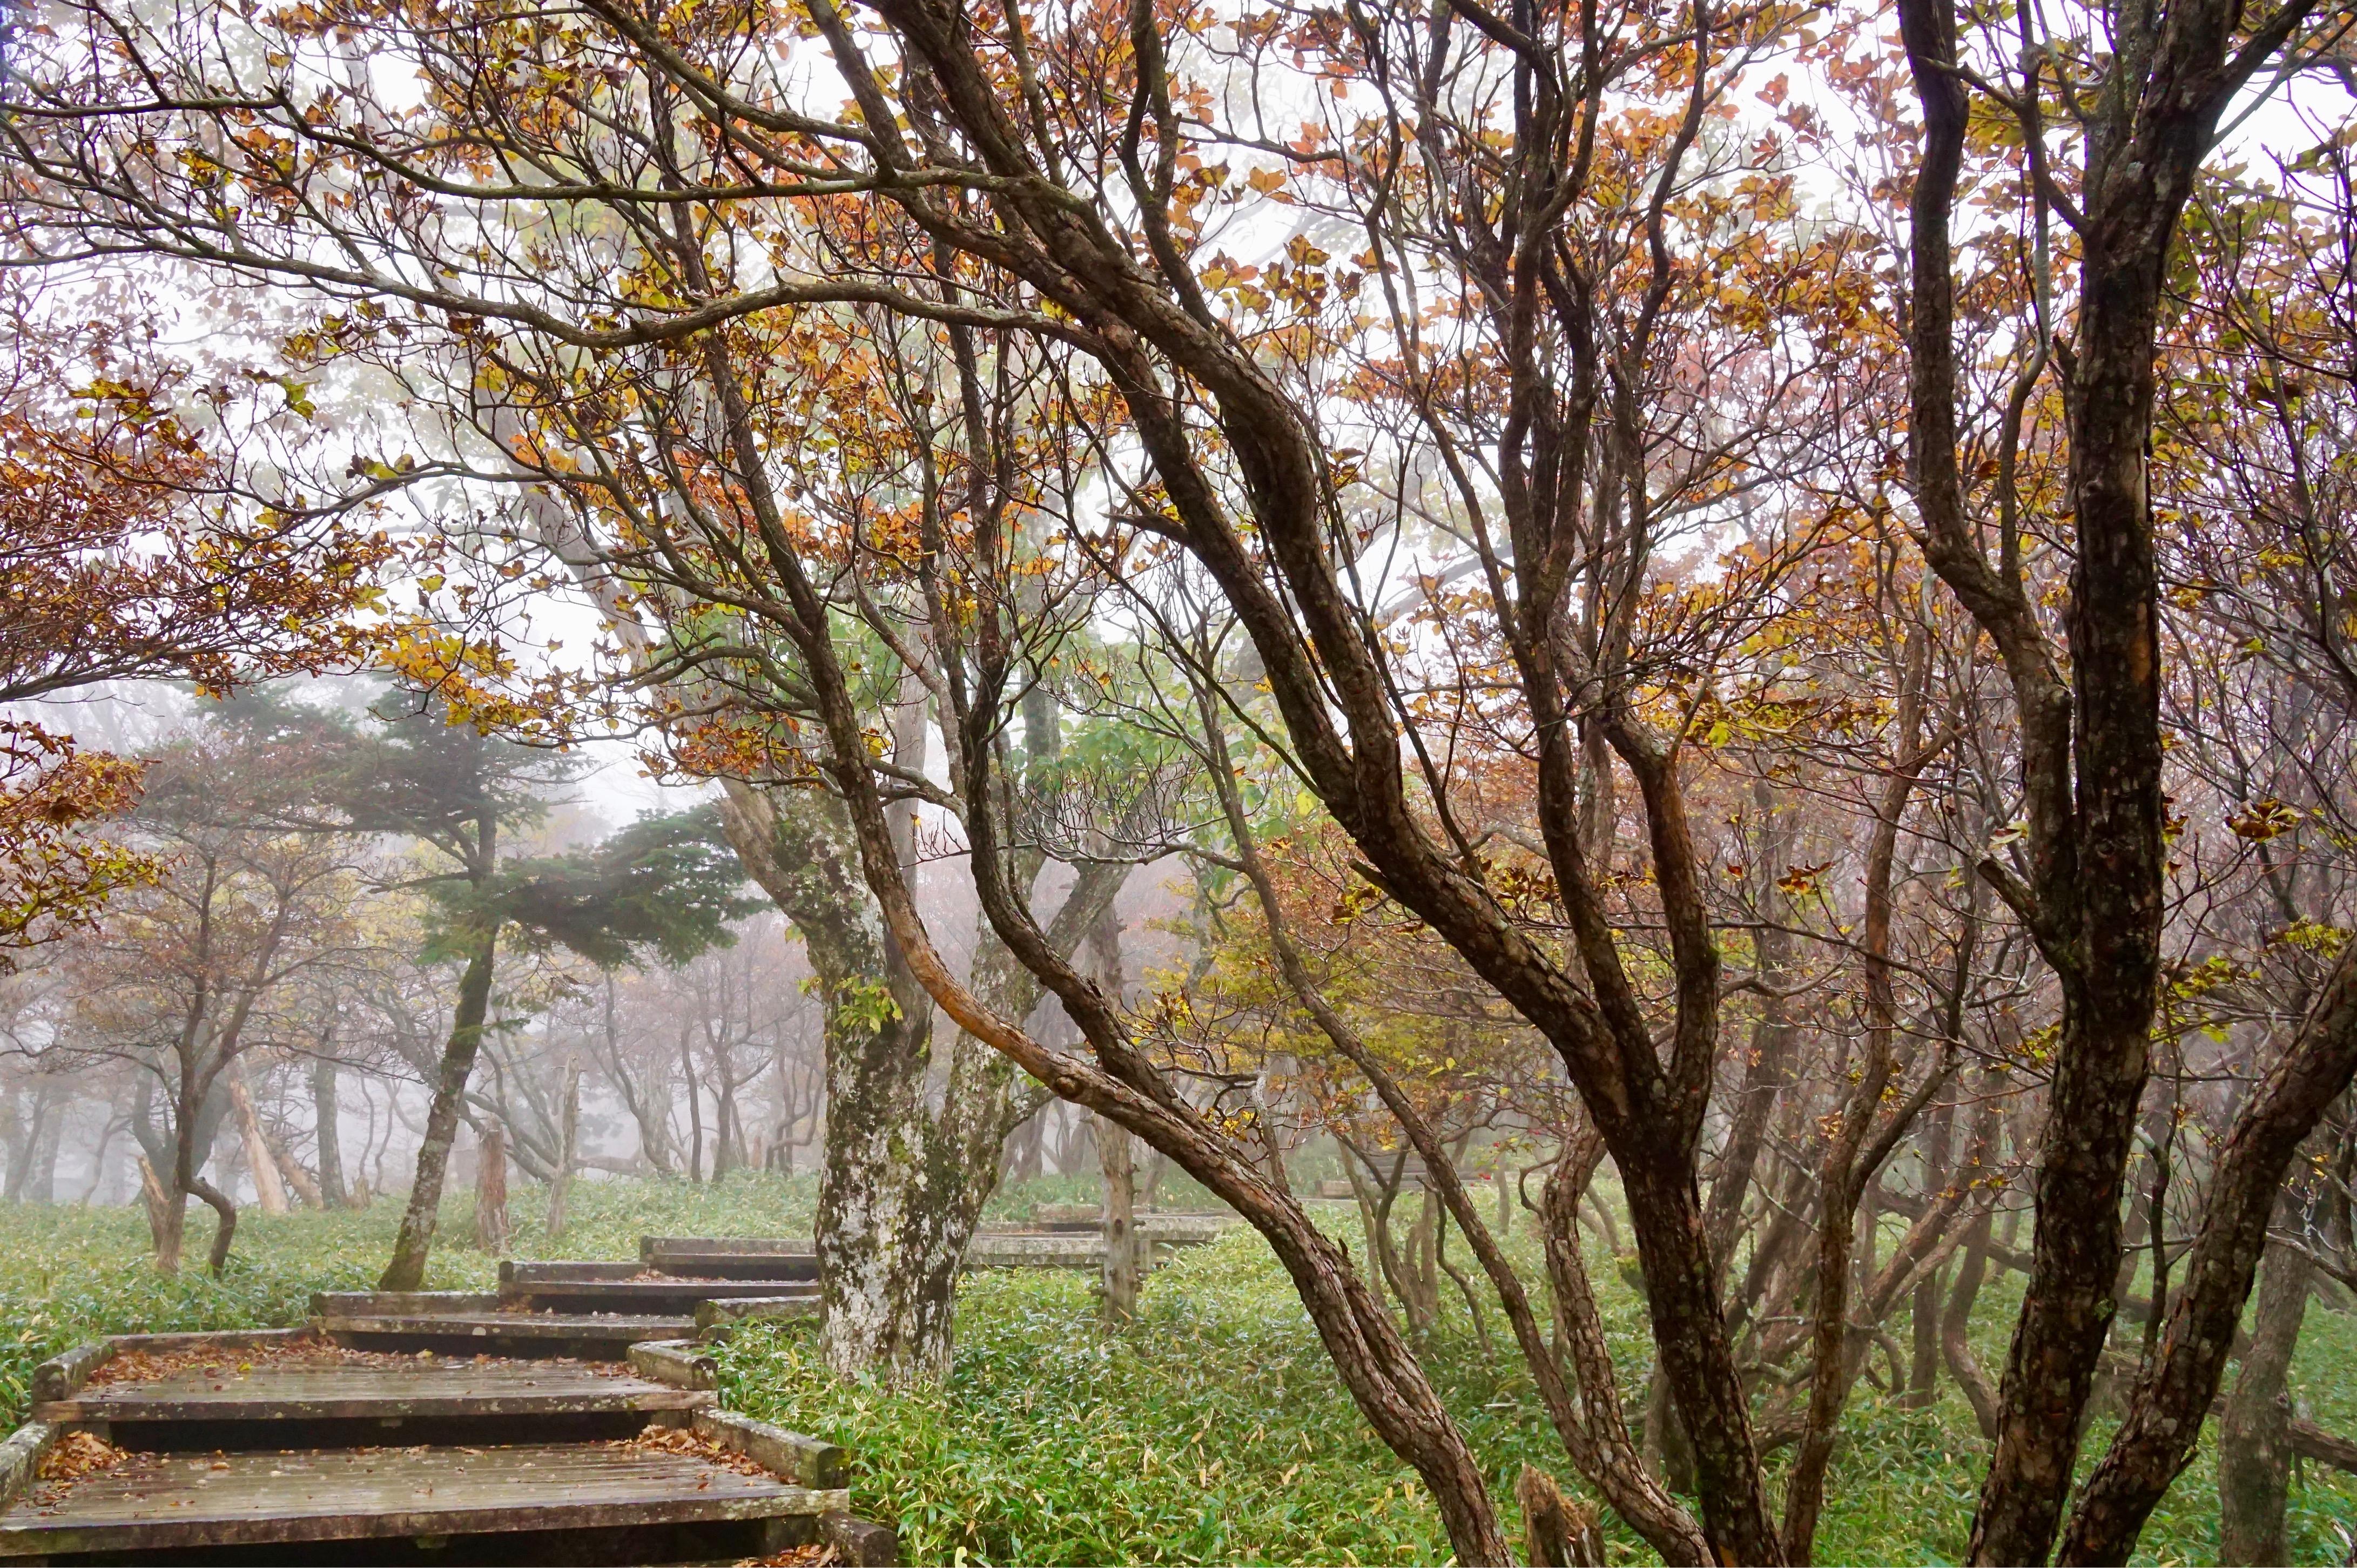 ところが大台ケ原について見ると霧がすごくてだんだんひどくなってきました。